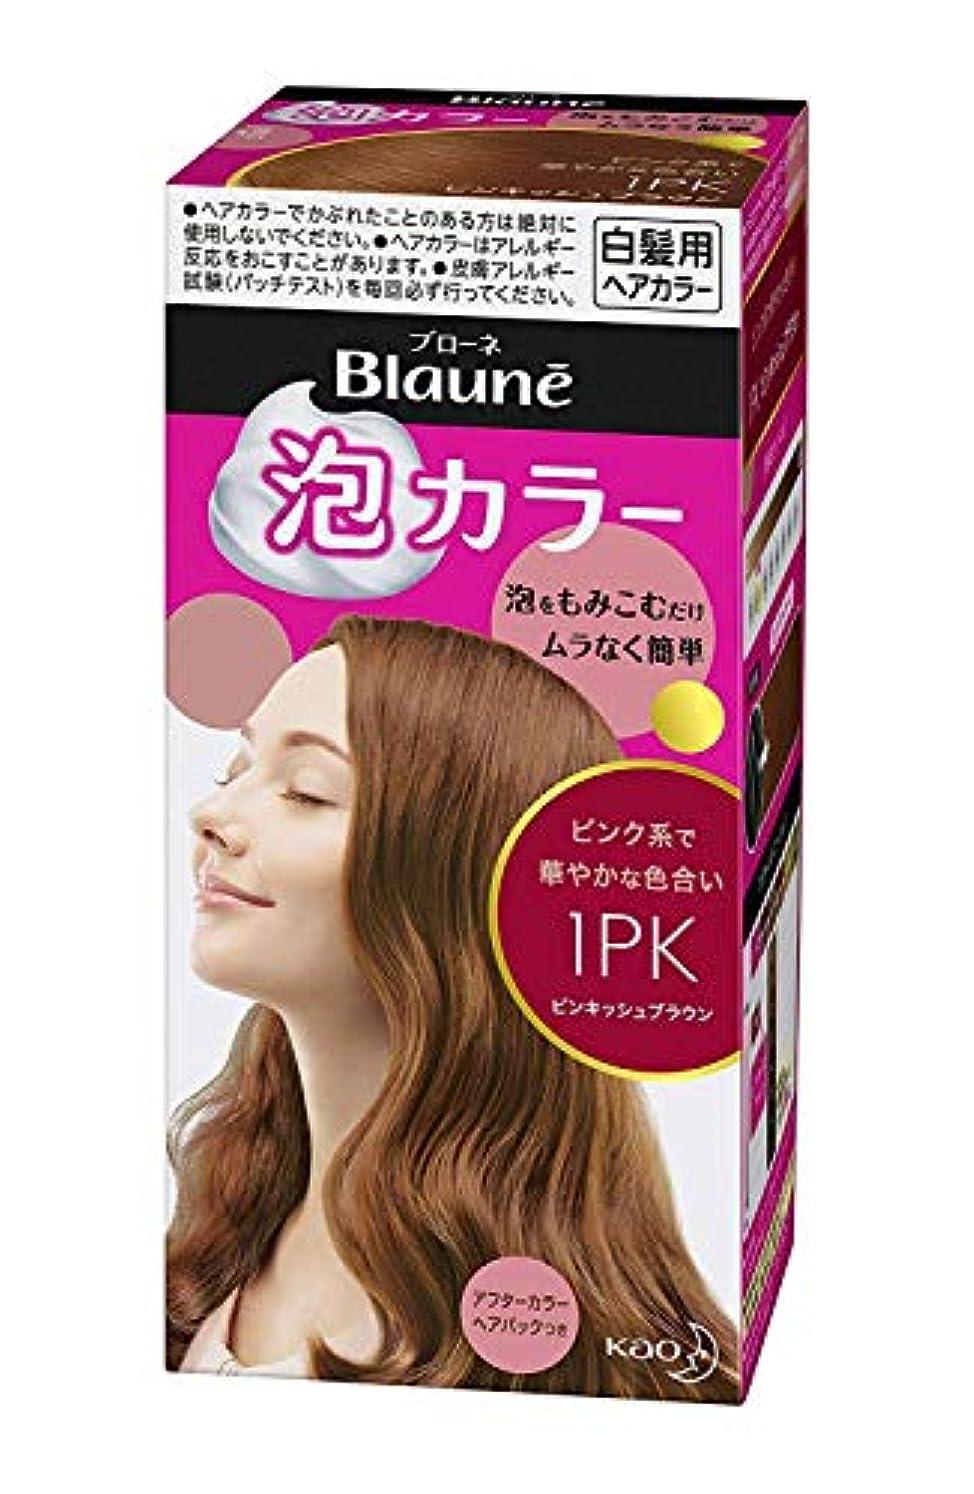 【花王】ブローネ泡カラー 1PK ピンキッシュブラウン 108ml ×5個セット